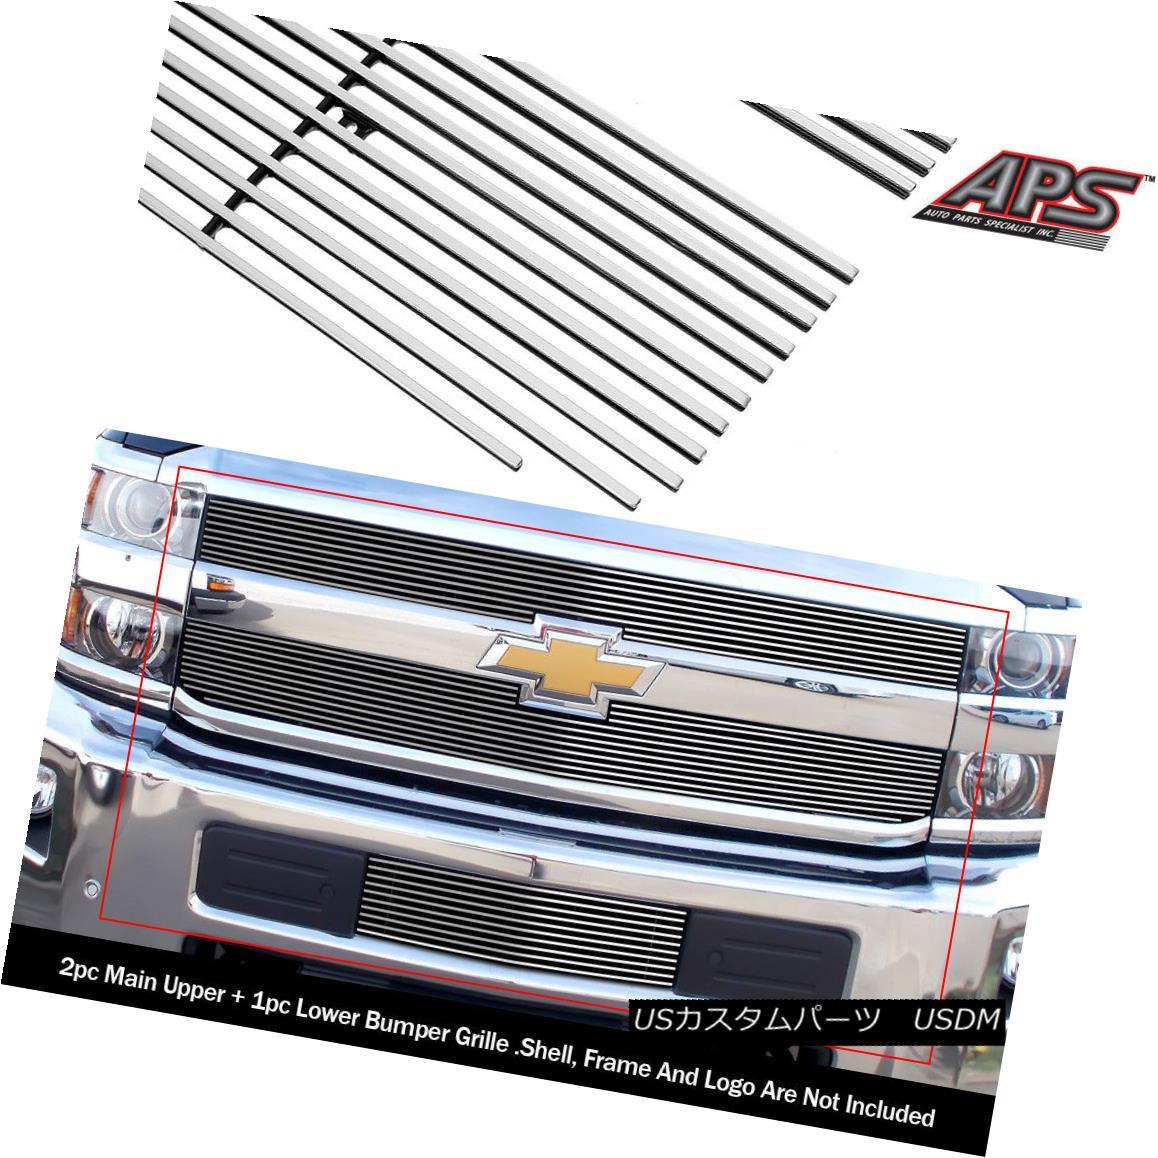 グリル For 2015-2018 Chevy Silverado 2500HD/3500HD Billet Grille Combo 2015-2018 Chevy Silverado 2500HD / 3500HDビレットグリルコンボ用